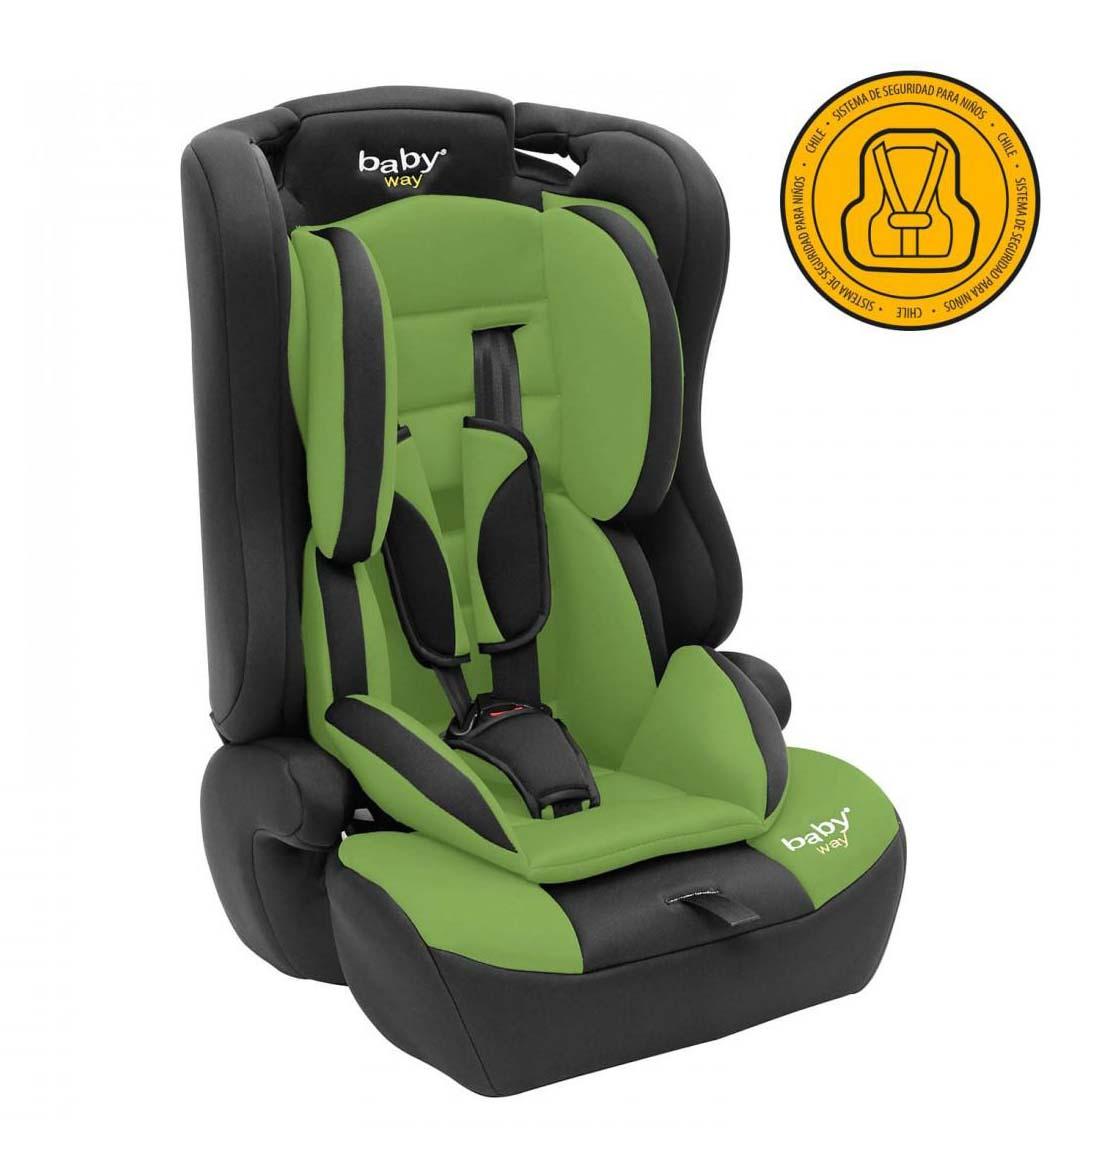 Silla De Auto Convertible Baby Way Verde Bw-746G18